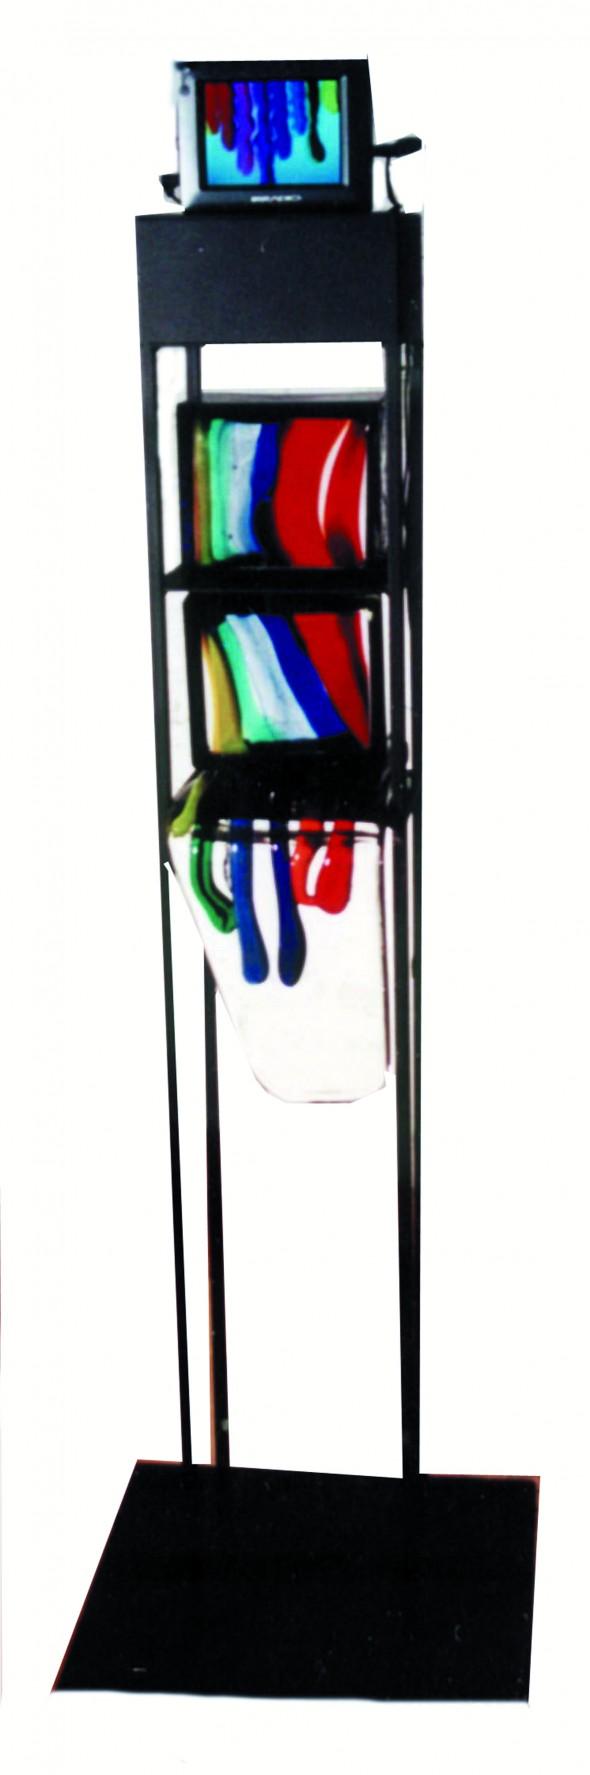 colori elettronici e l'artificio